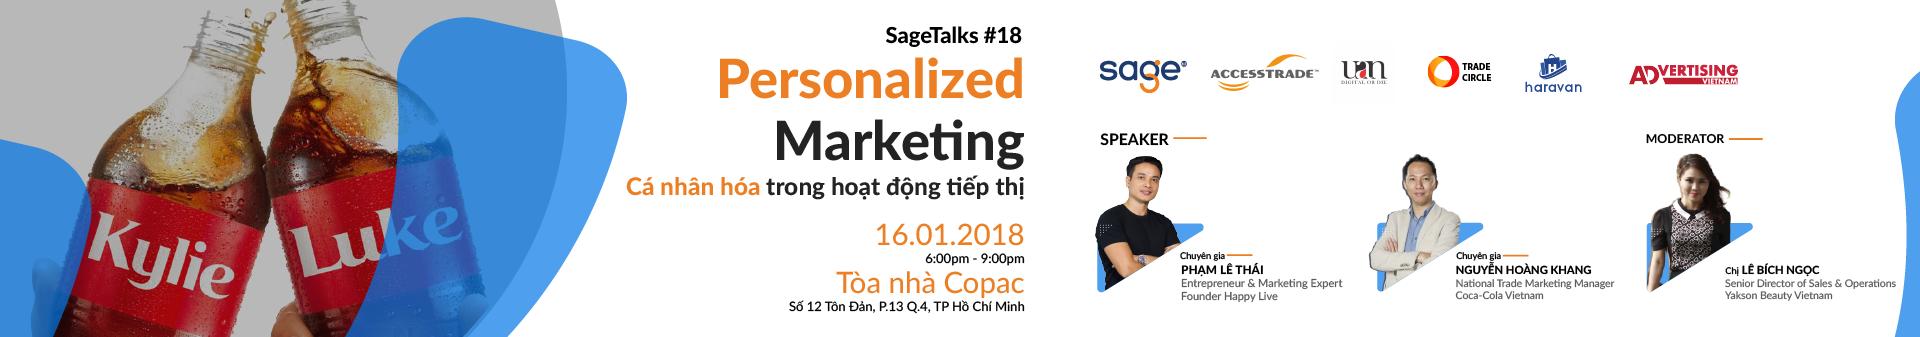 sage-talks-18